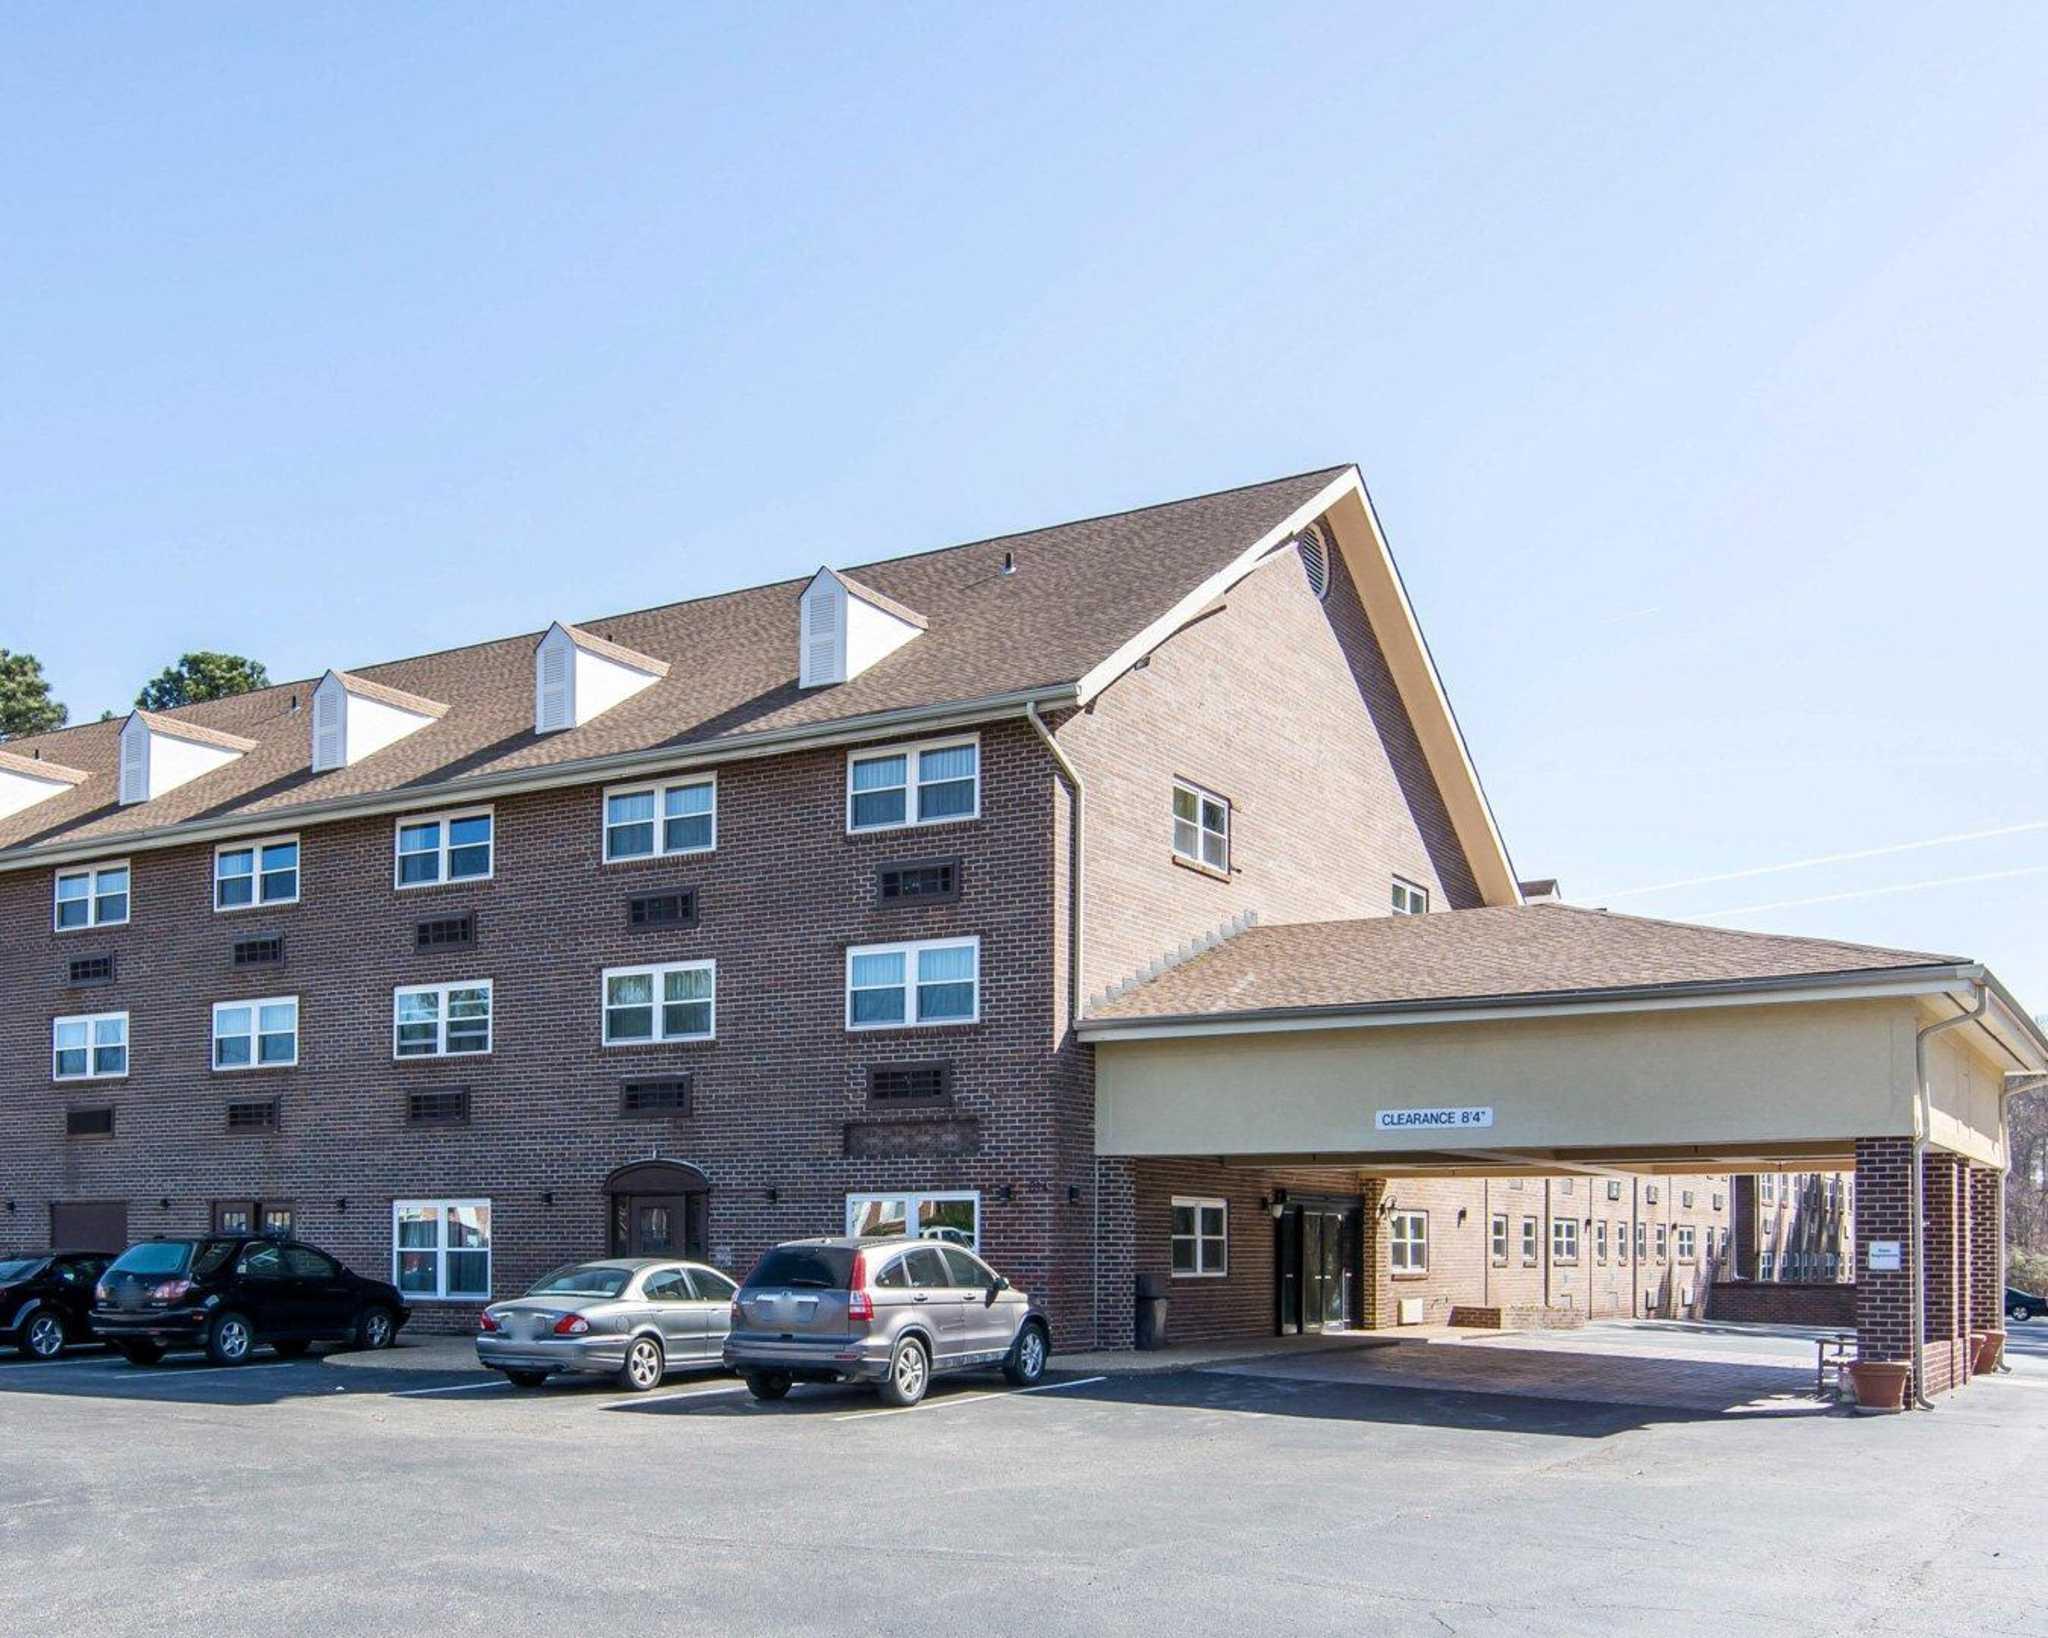 MainStay Suites in Williamsburg, VA 23185 ... Williamsburg Virginia Chamber Of Commerce Photos